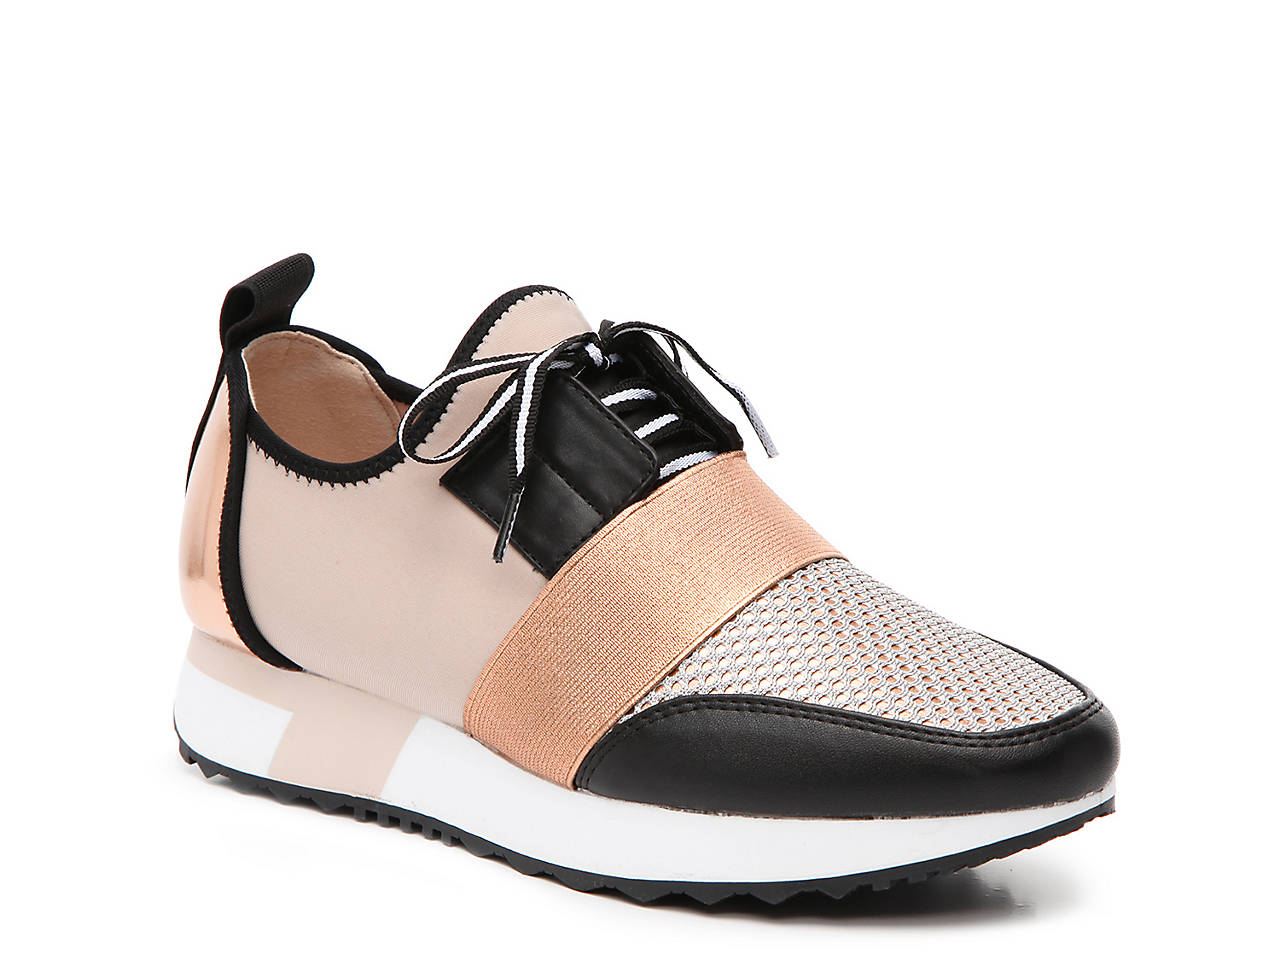 Steve Madden Antics Sneaker 6XEA5plAh0